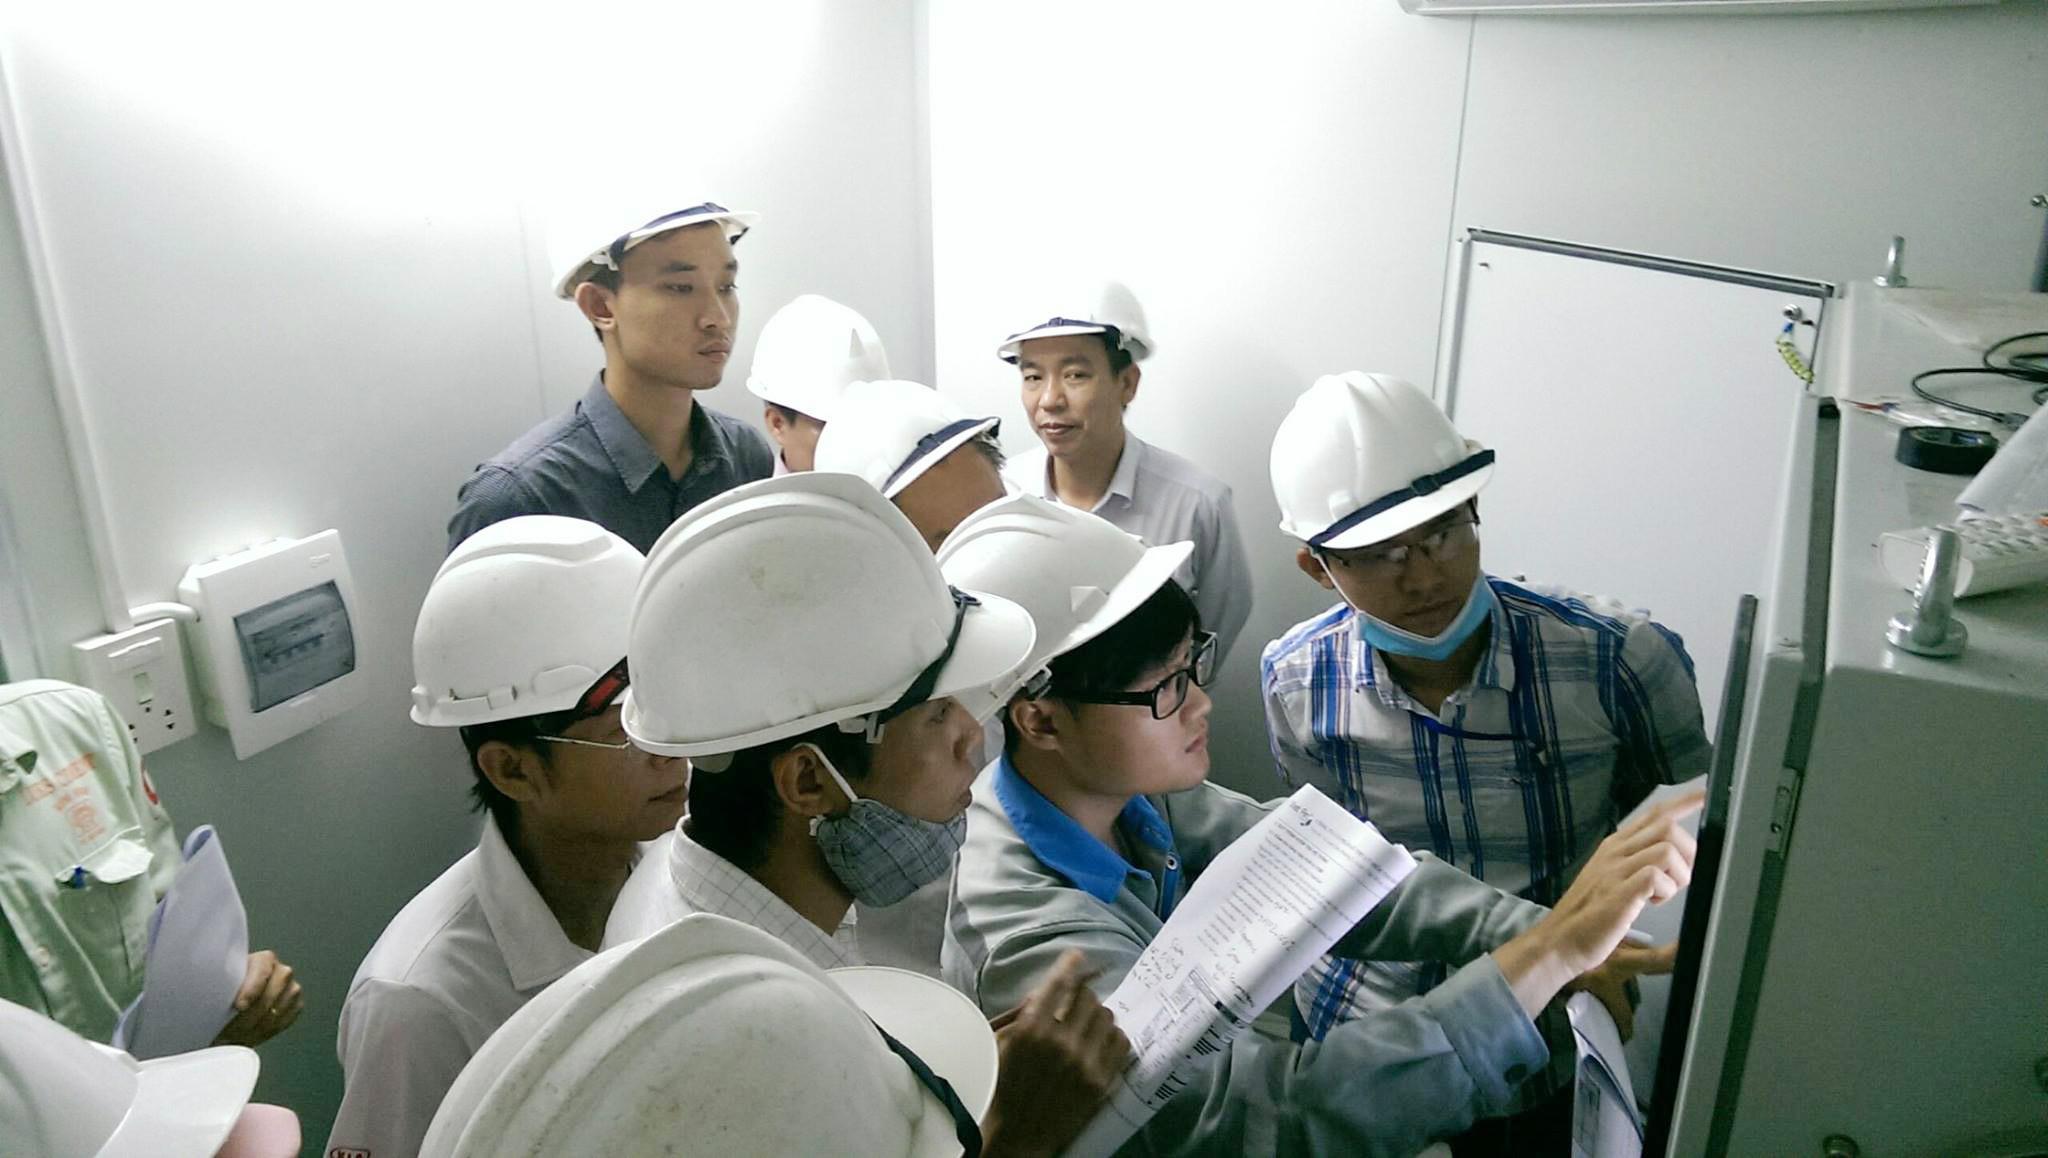 viet-an-tram-quan-khi-thai-tu-dong-nha-may-xi-mang-kim-dinh 3